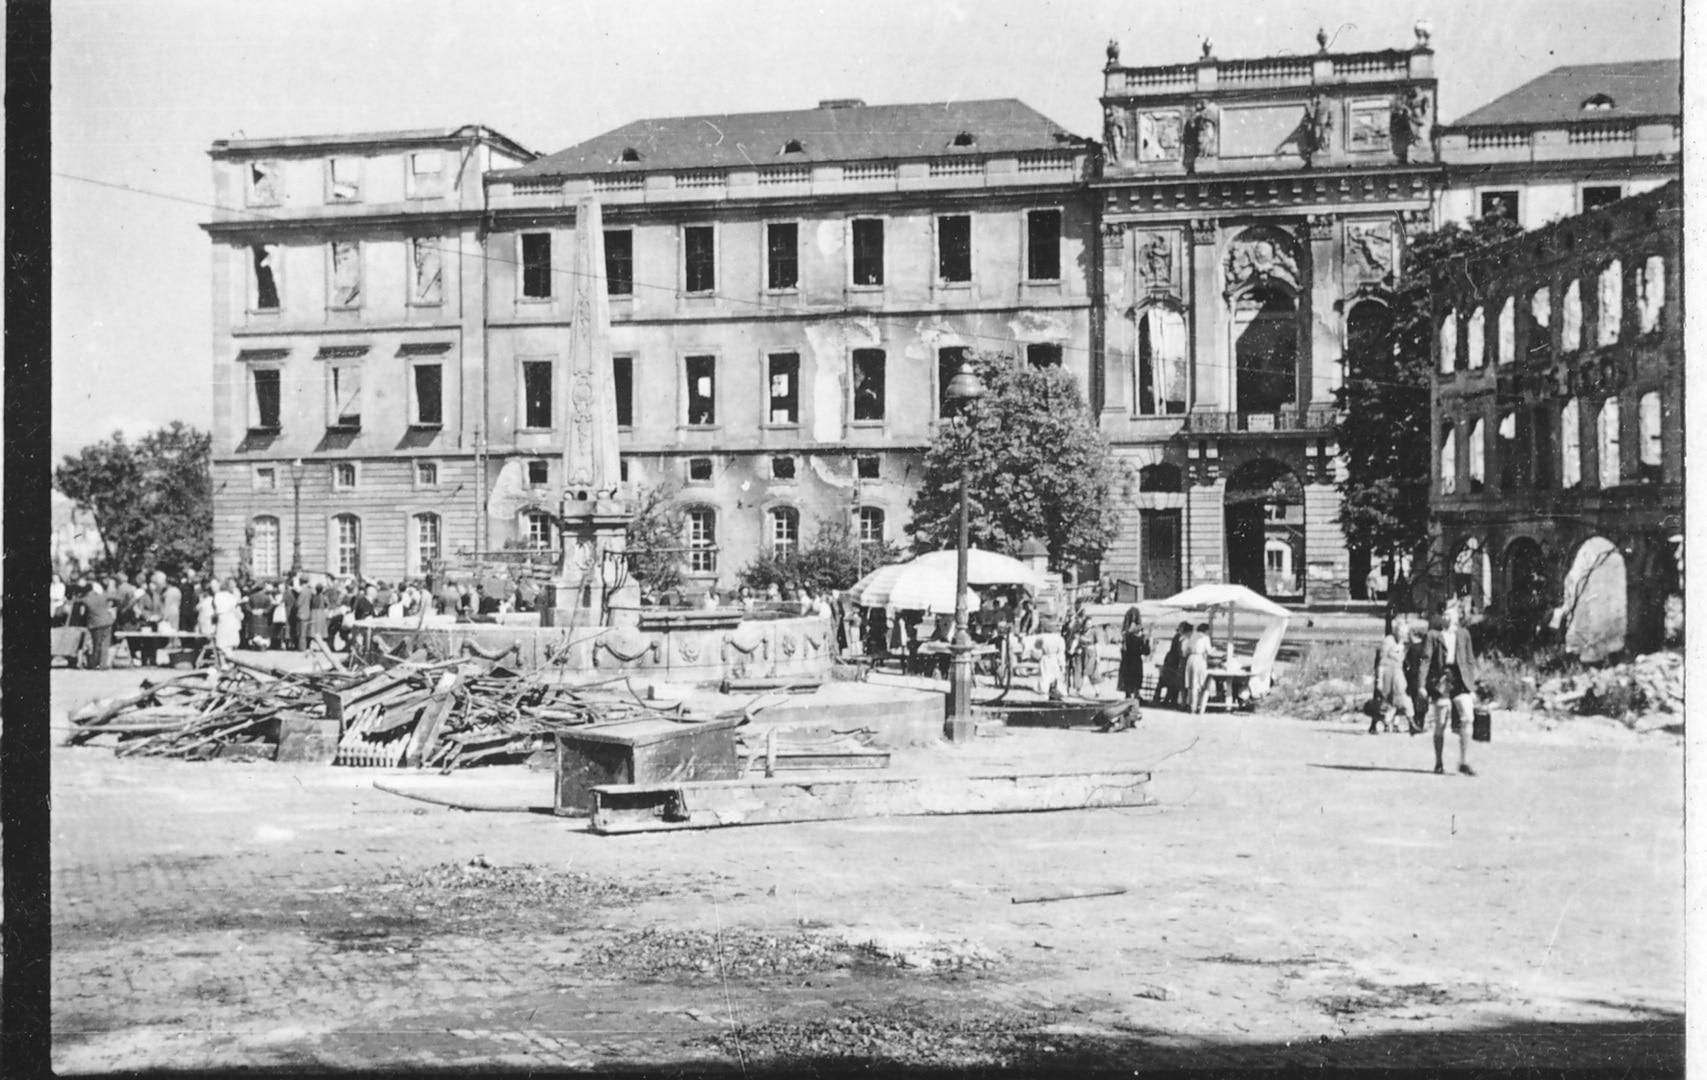 Marktplatz mit vereinzelten Marktständen vor dem Schloss